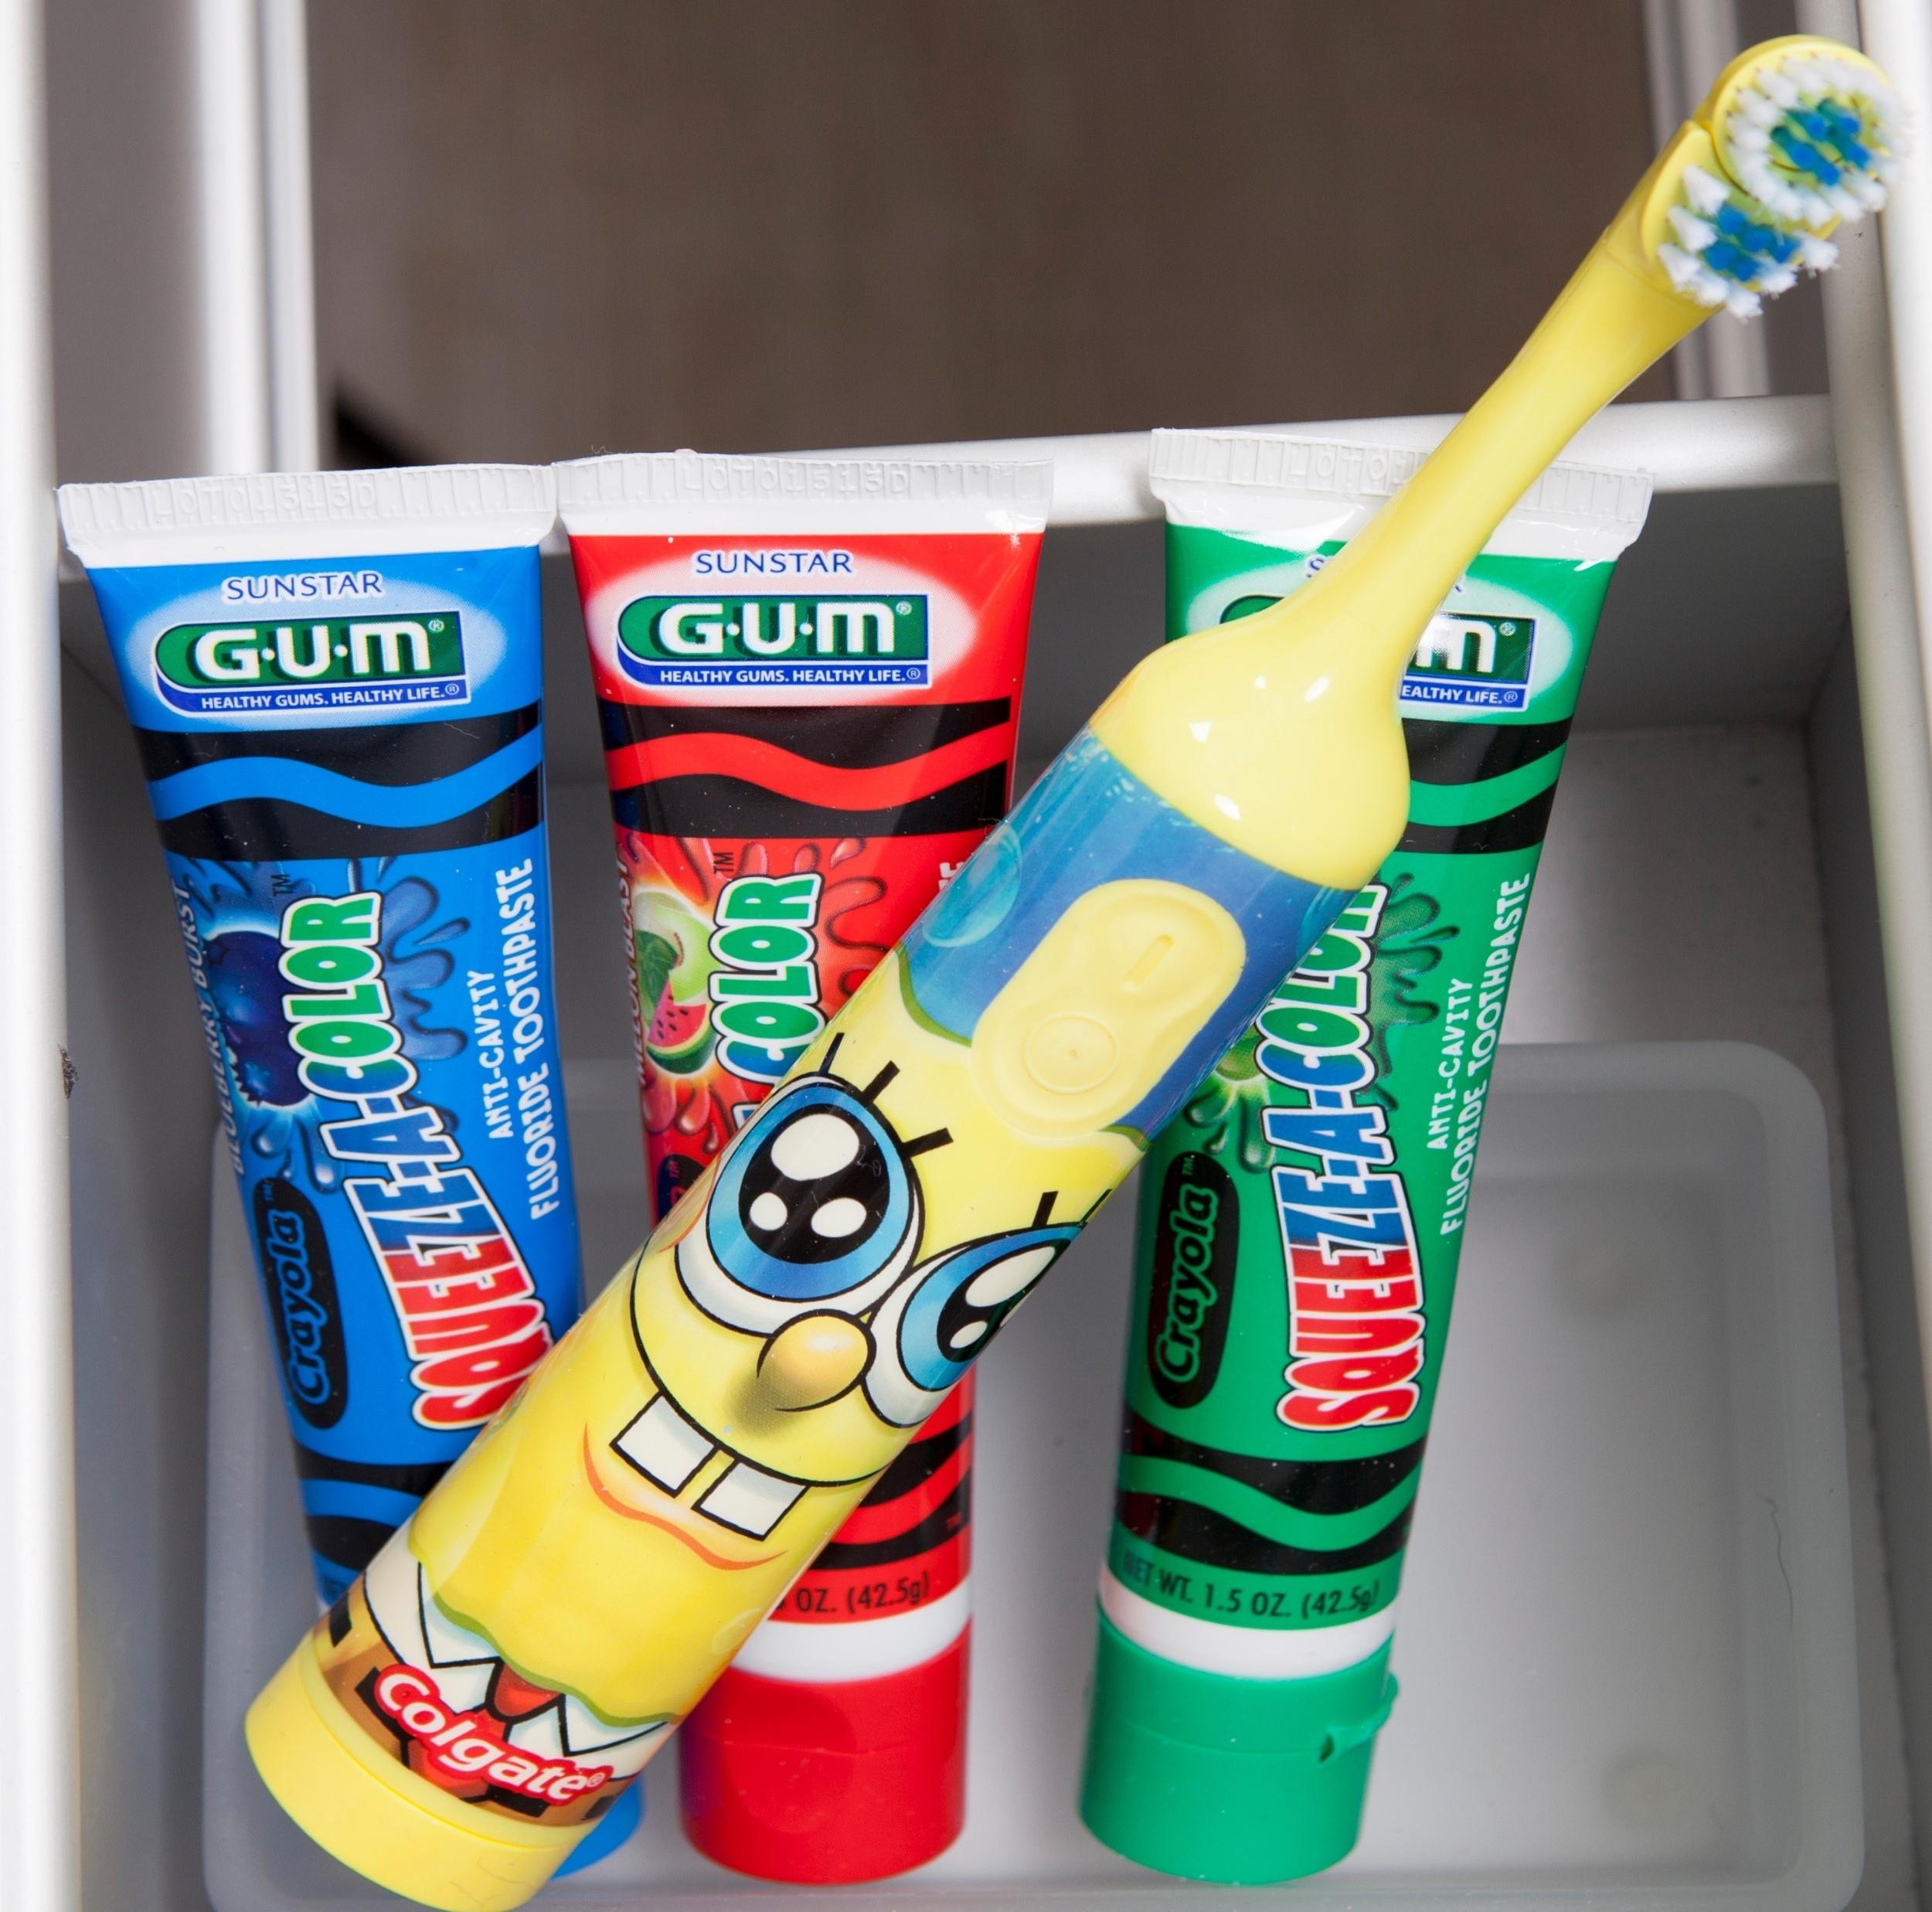 RMH.Toothpaste.Crop.jpg